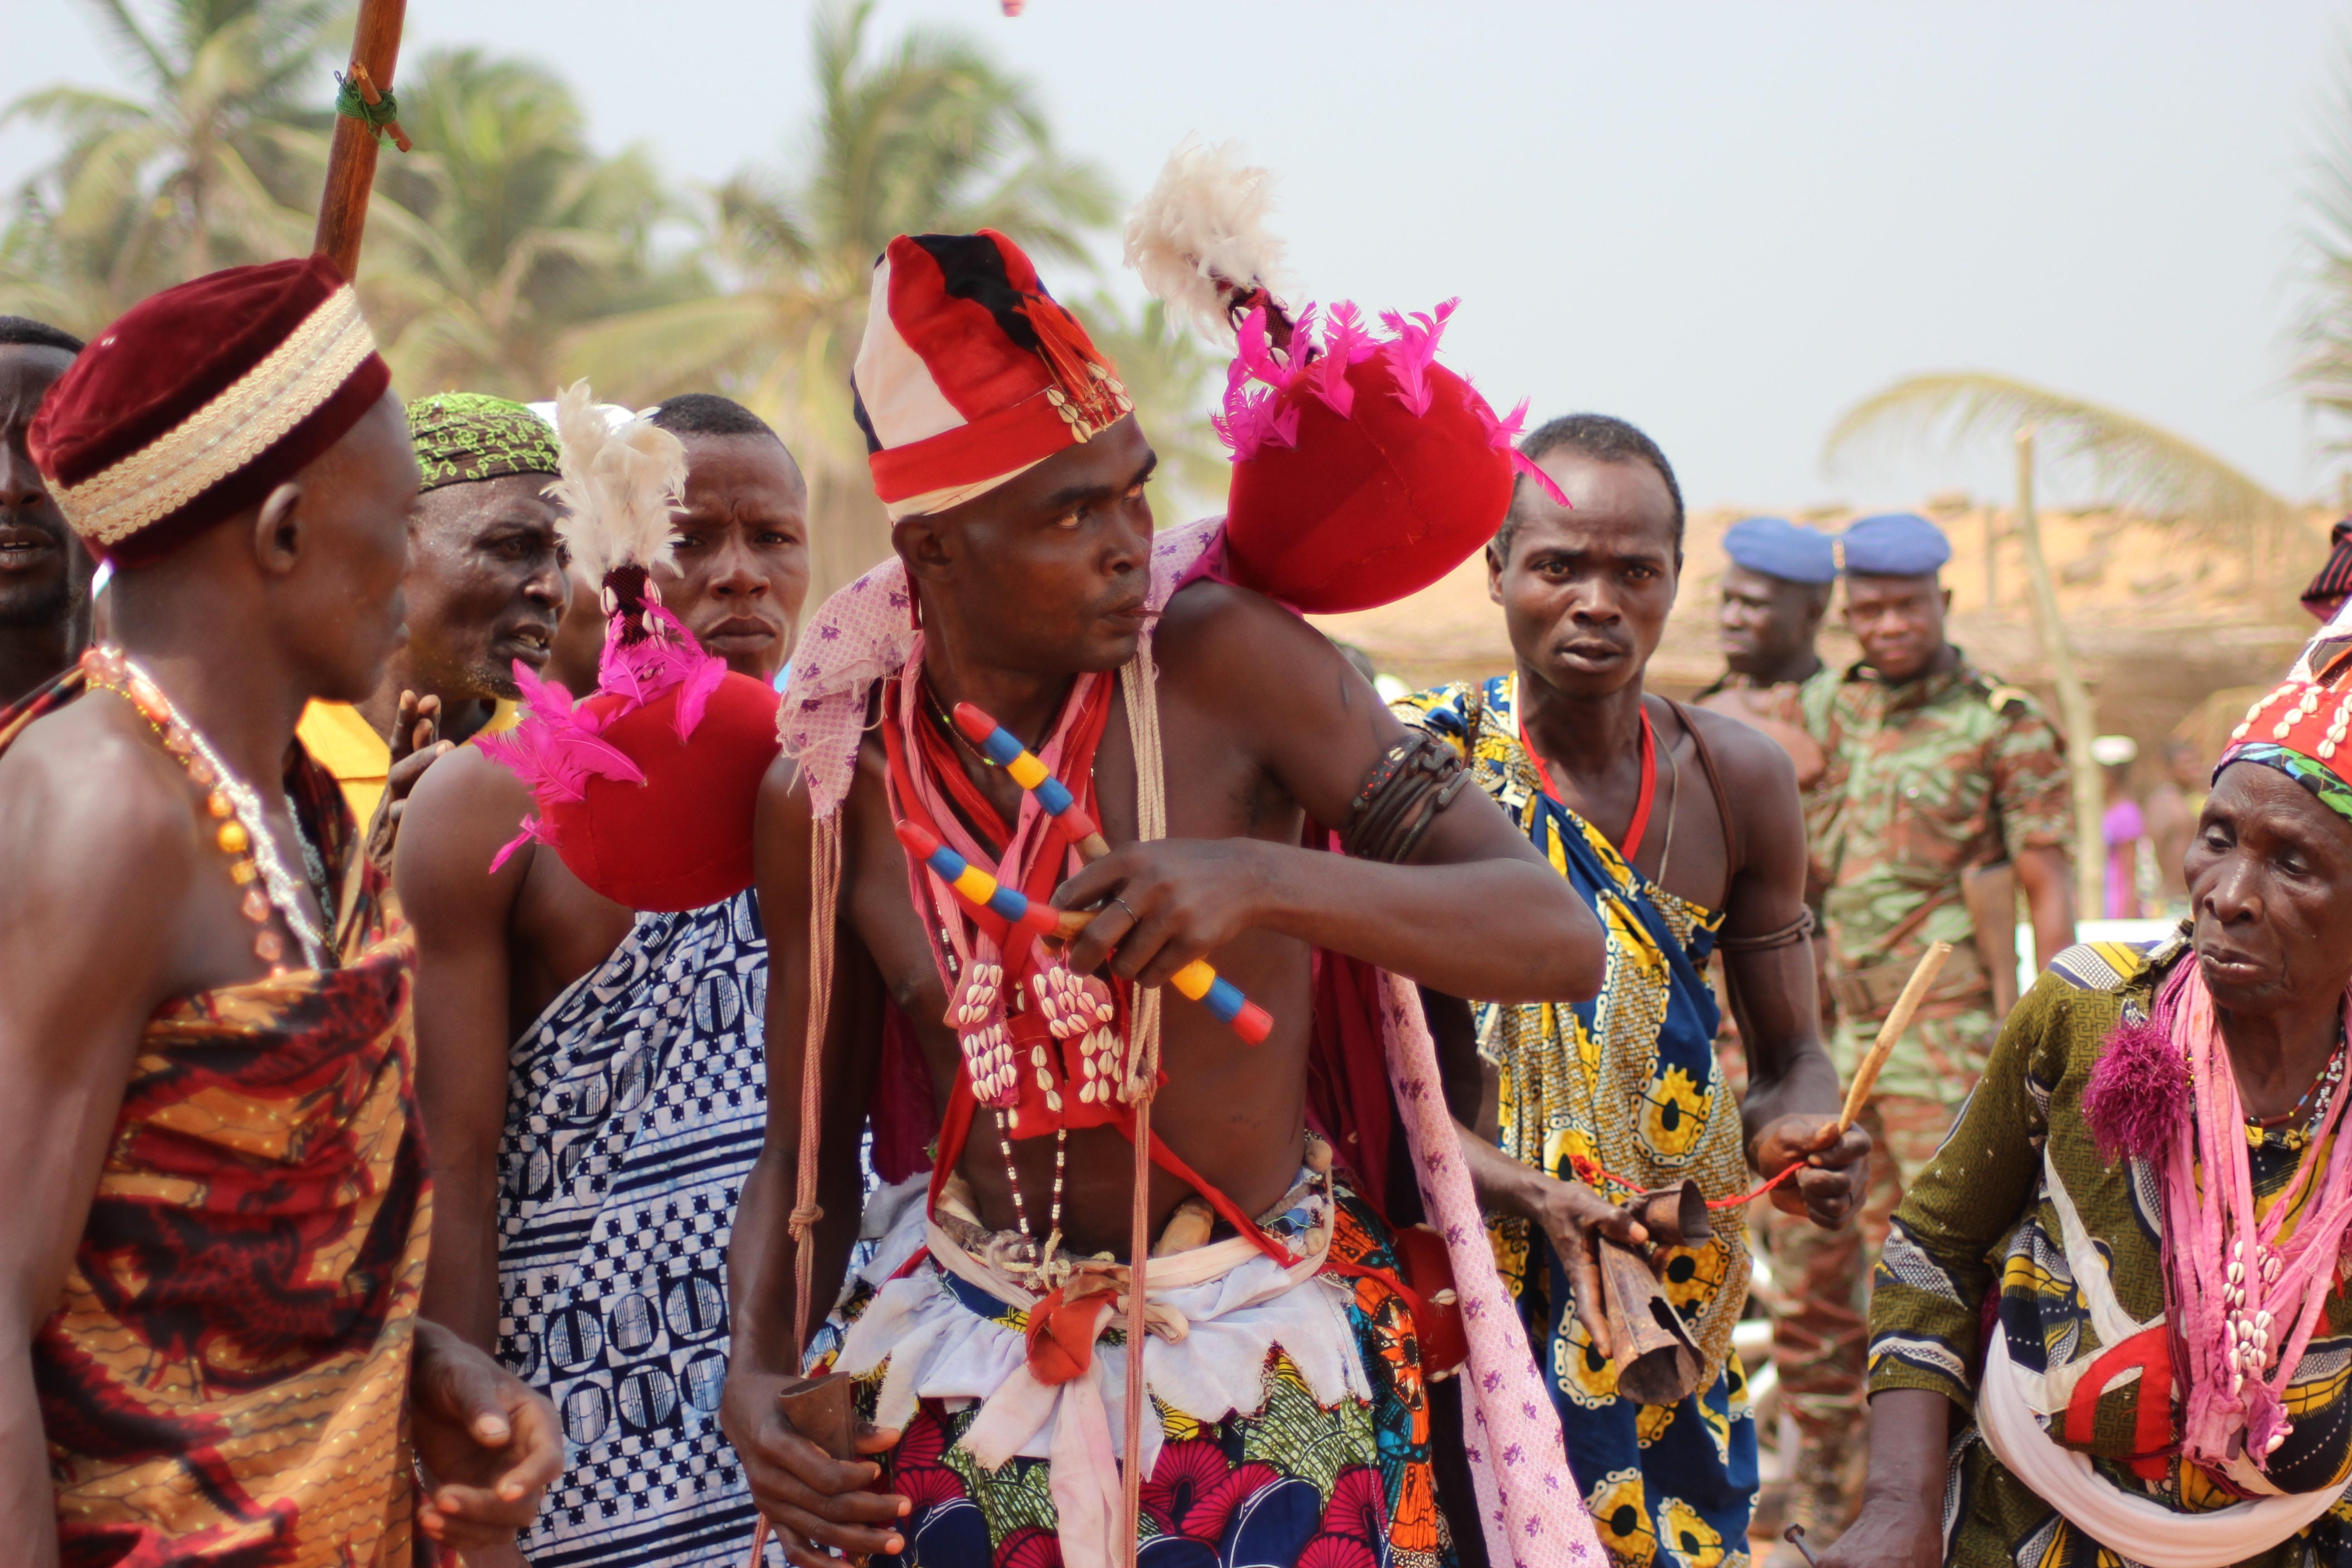 Festivités de la fête du vodoun au Benin